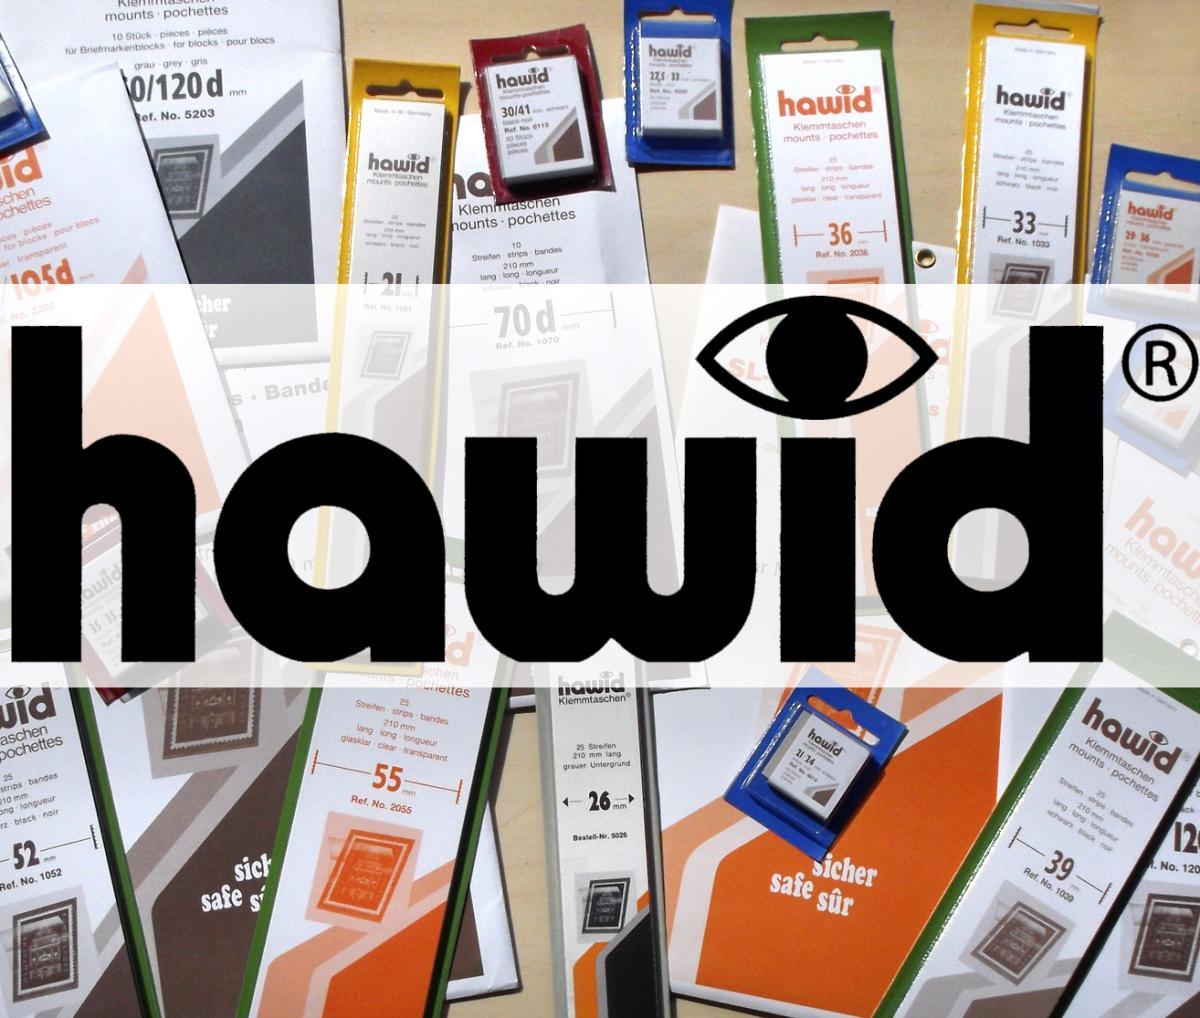 HAWID-Blockstreifen 2202, 148x105 mm, glasklar, 10er-Pack, d*